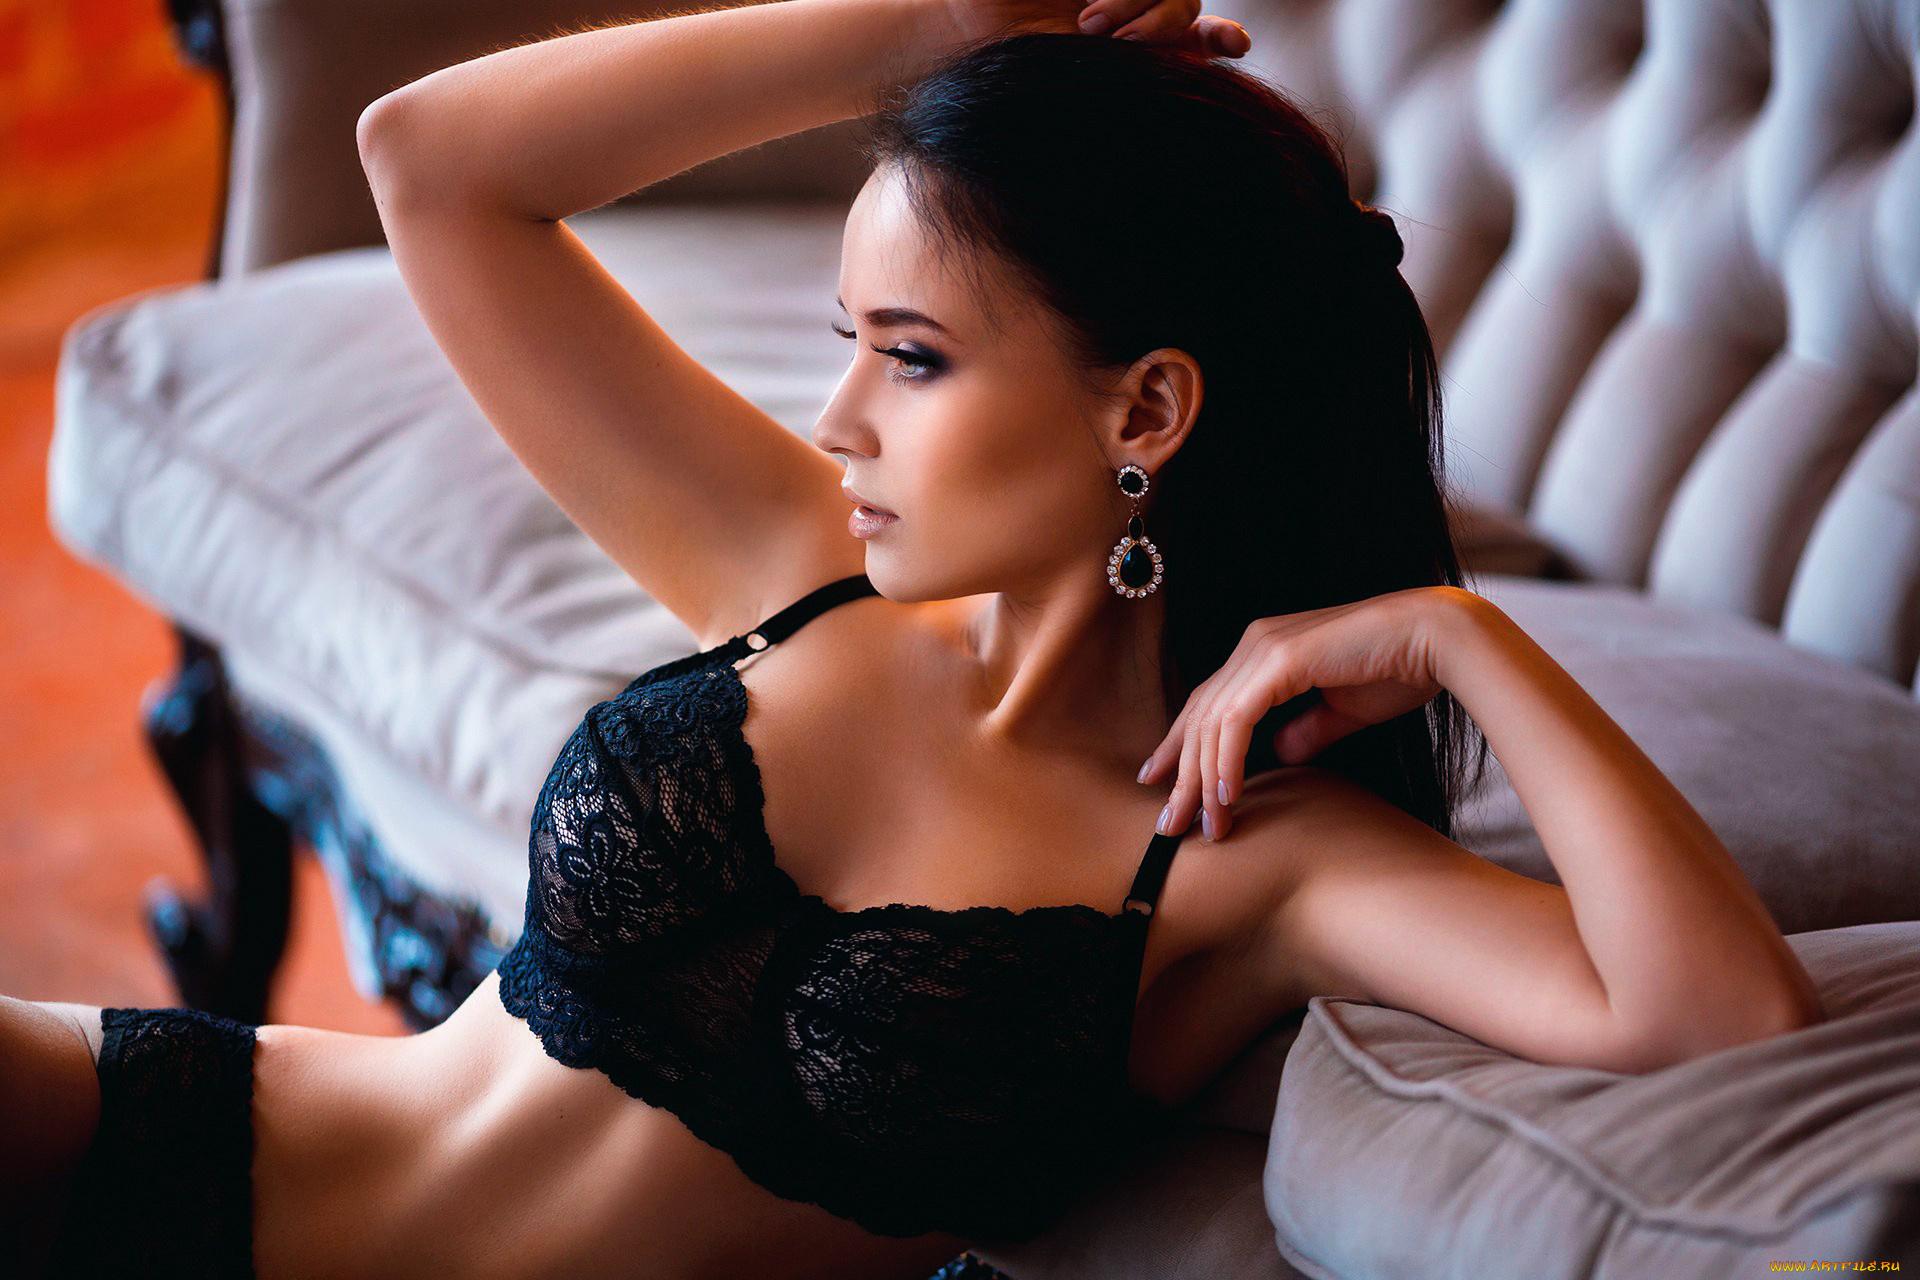 Фото голых моделей брюнеток, Огромная бесплатная галерея порно фото брюнеток 12 фотография